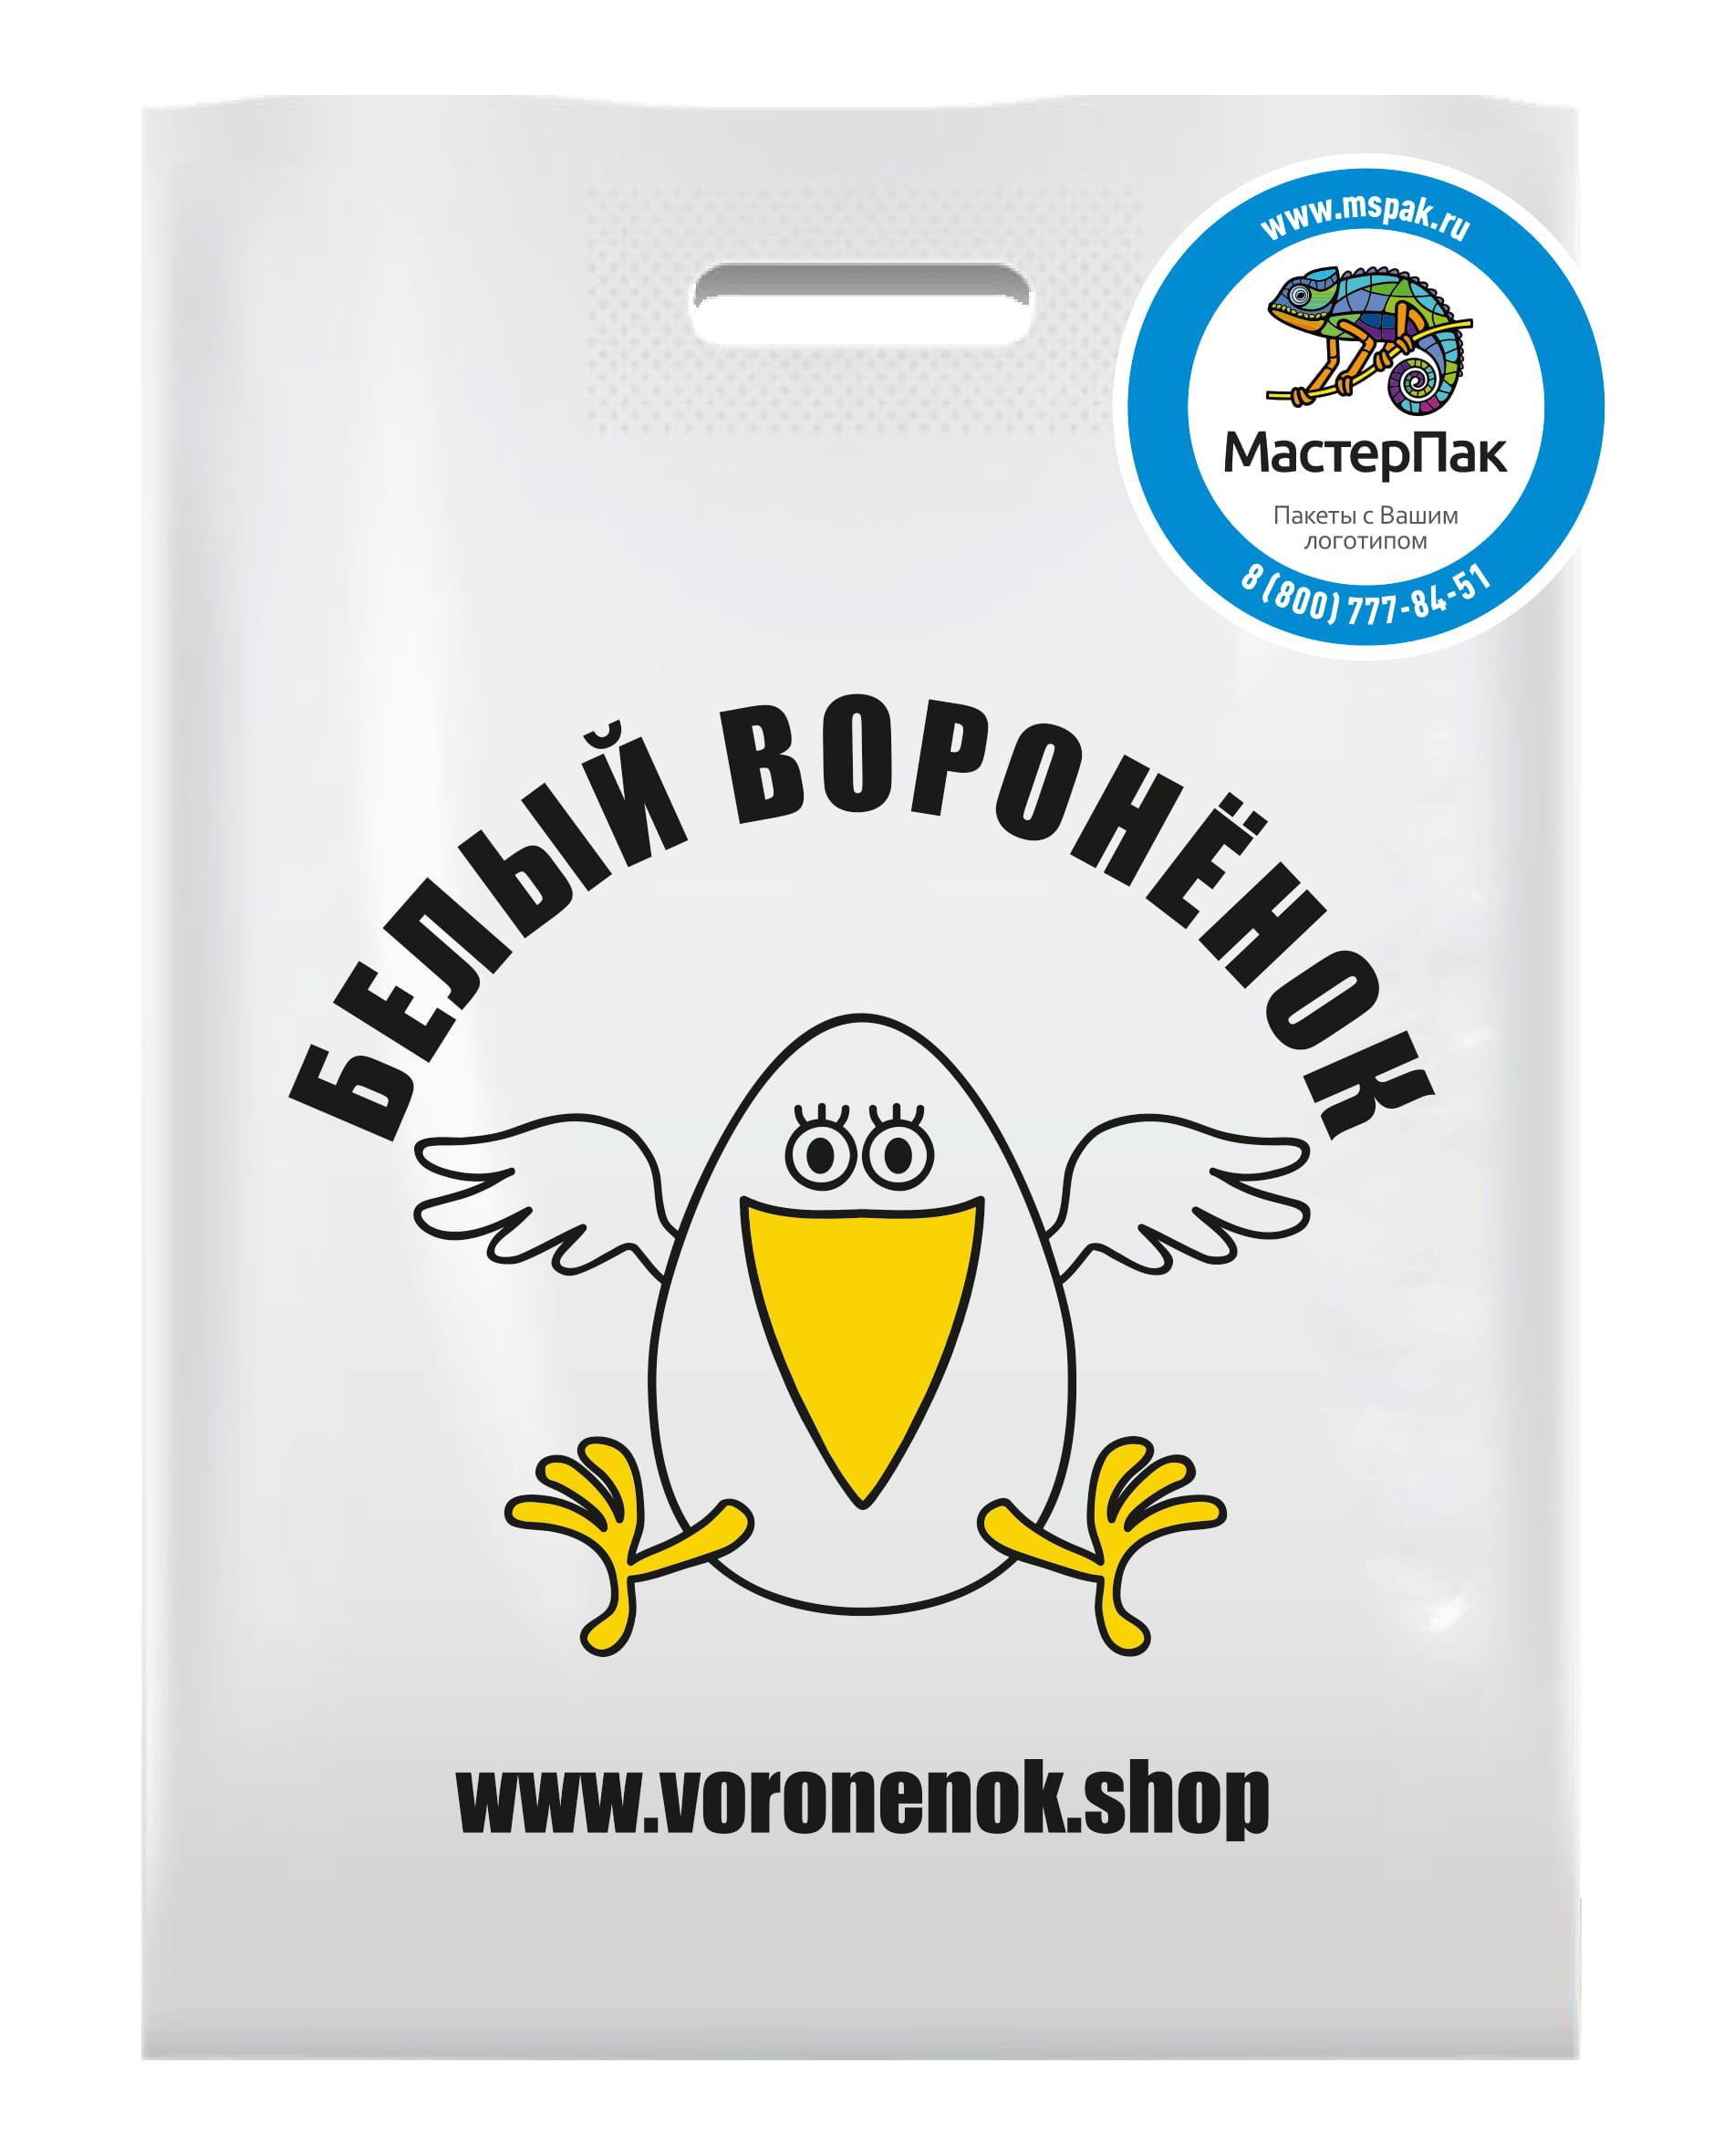 Пакет ПВД с логотипом Белый вороненок, Калининград, 70 мкм, 36*45 см, белый